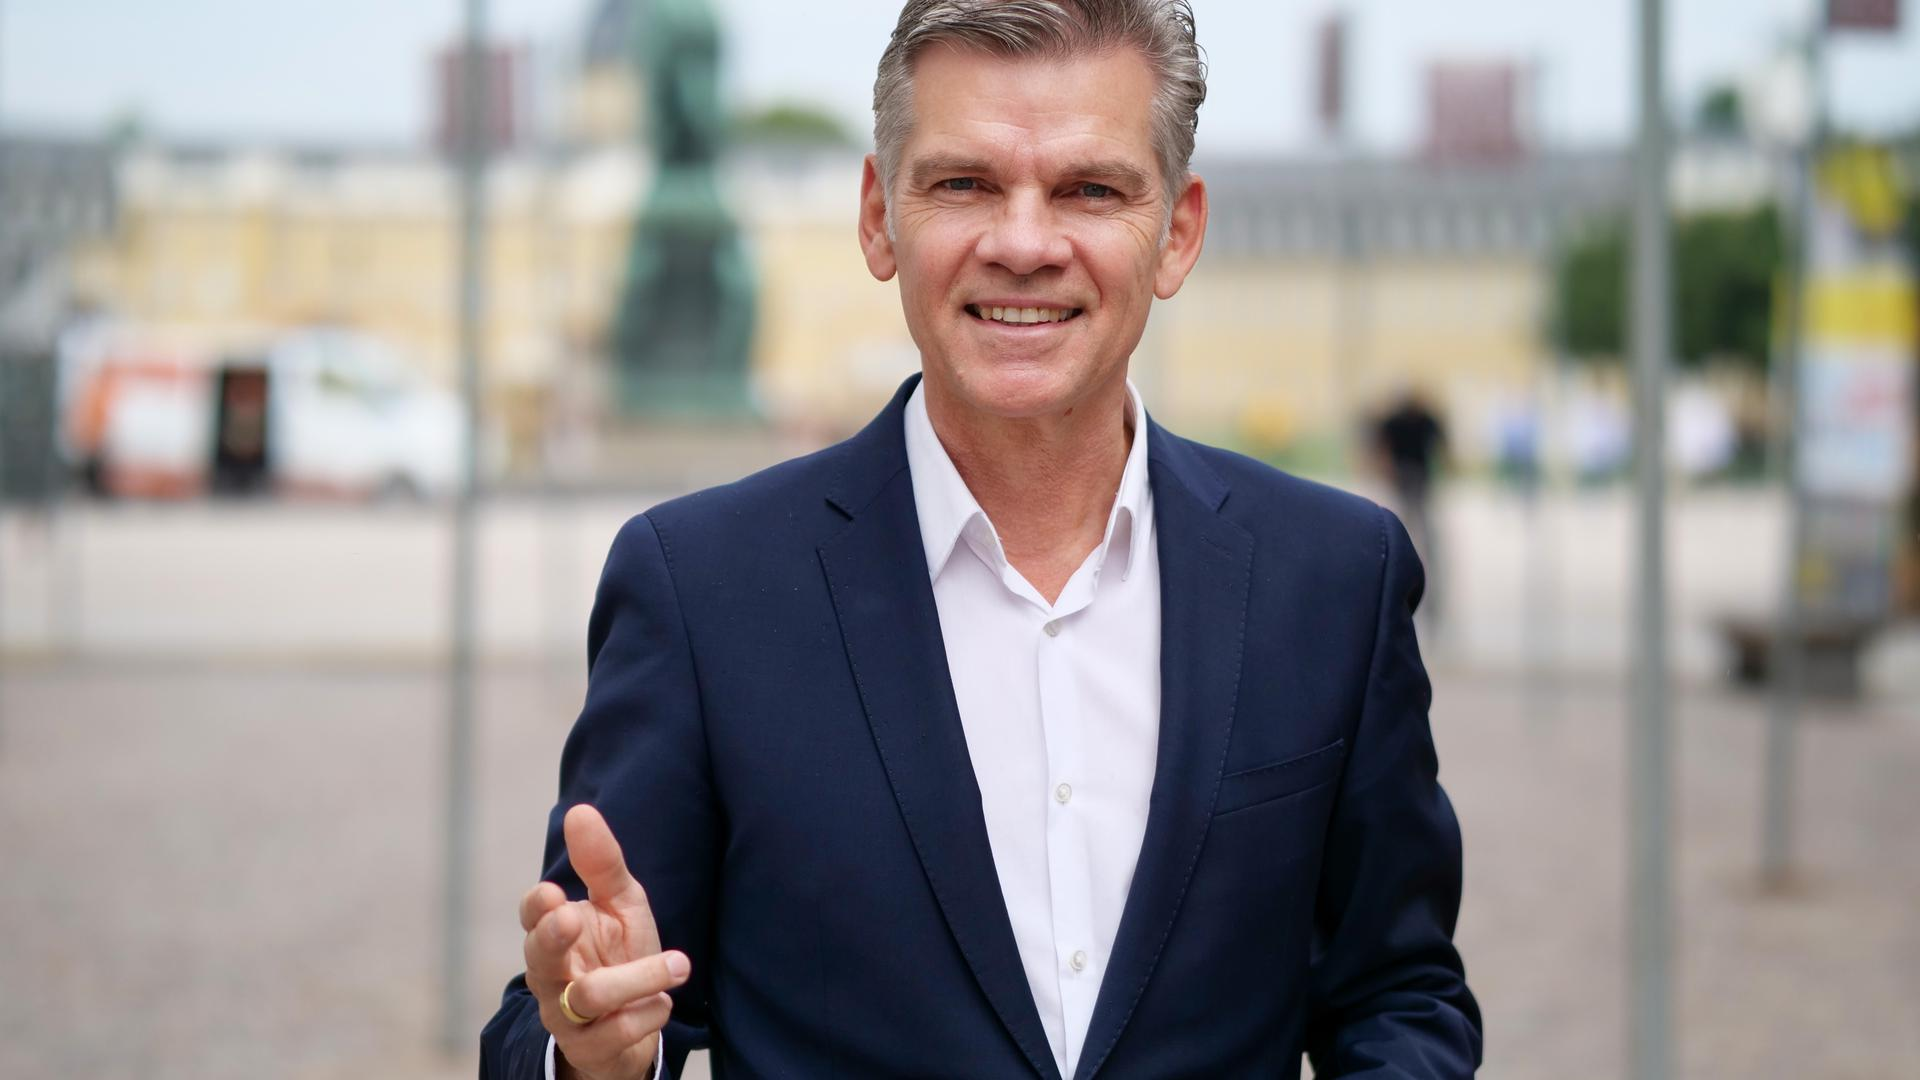 Auf dem Platz der Grundrechte: Der CDU-Bundestagsabgeordnete Ingo Wellenreuther versteht sich als Sachwalter der Karlsruher Belange im Bundestag.